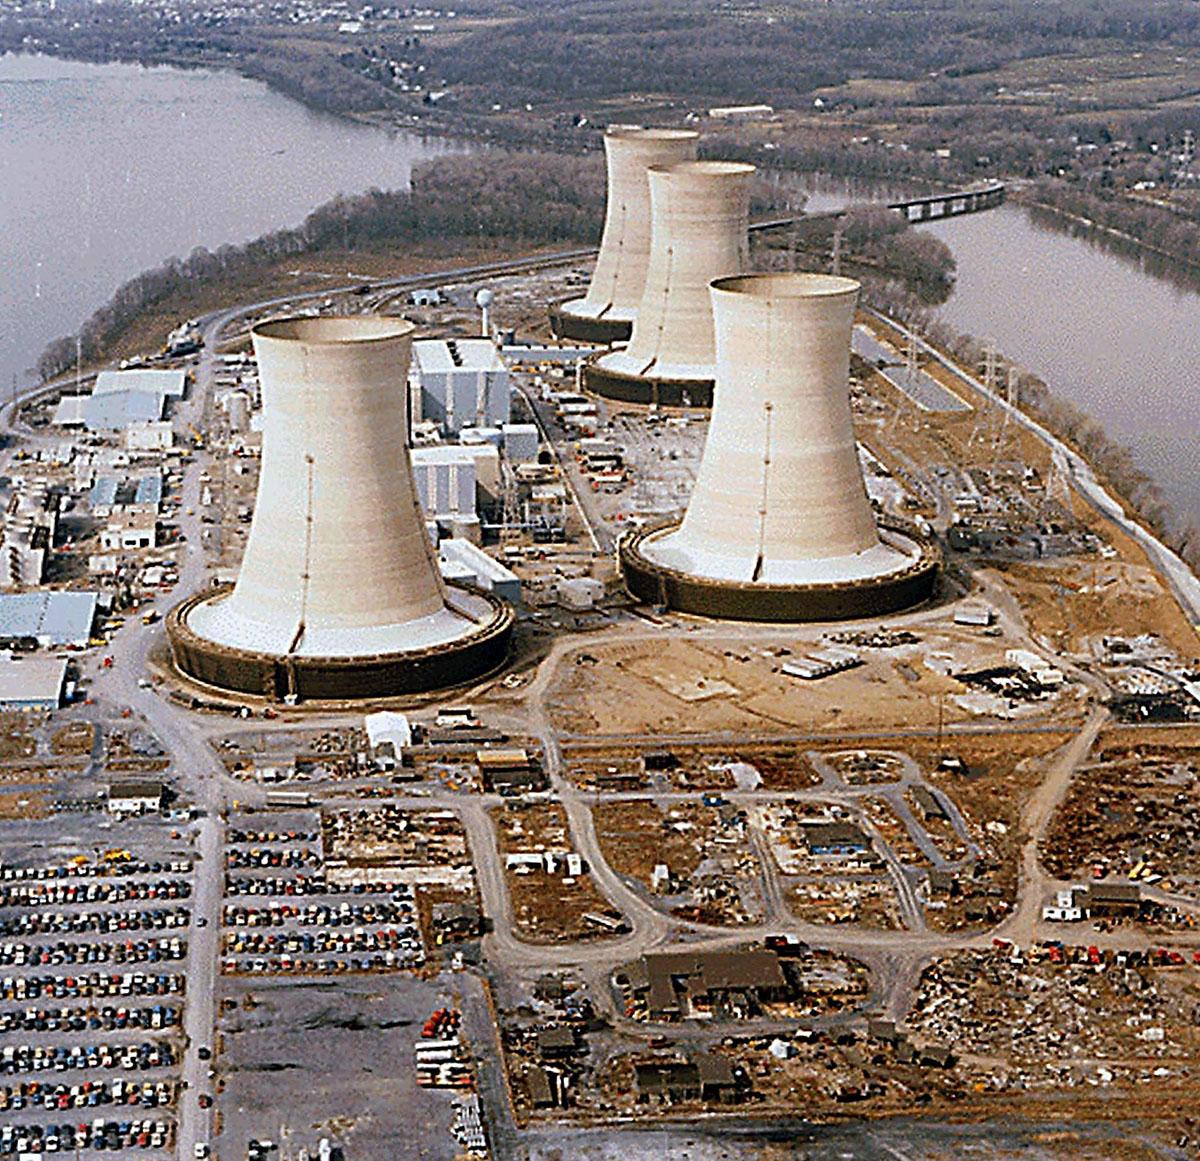 Esta foto de archivo tomada el 11 de abril de 1979 muestra una vista de la planta de energía nuclear Three Mile Island cerca de Harrisburg. (Foto: AFP)